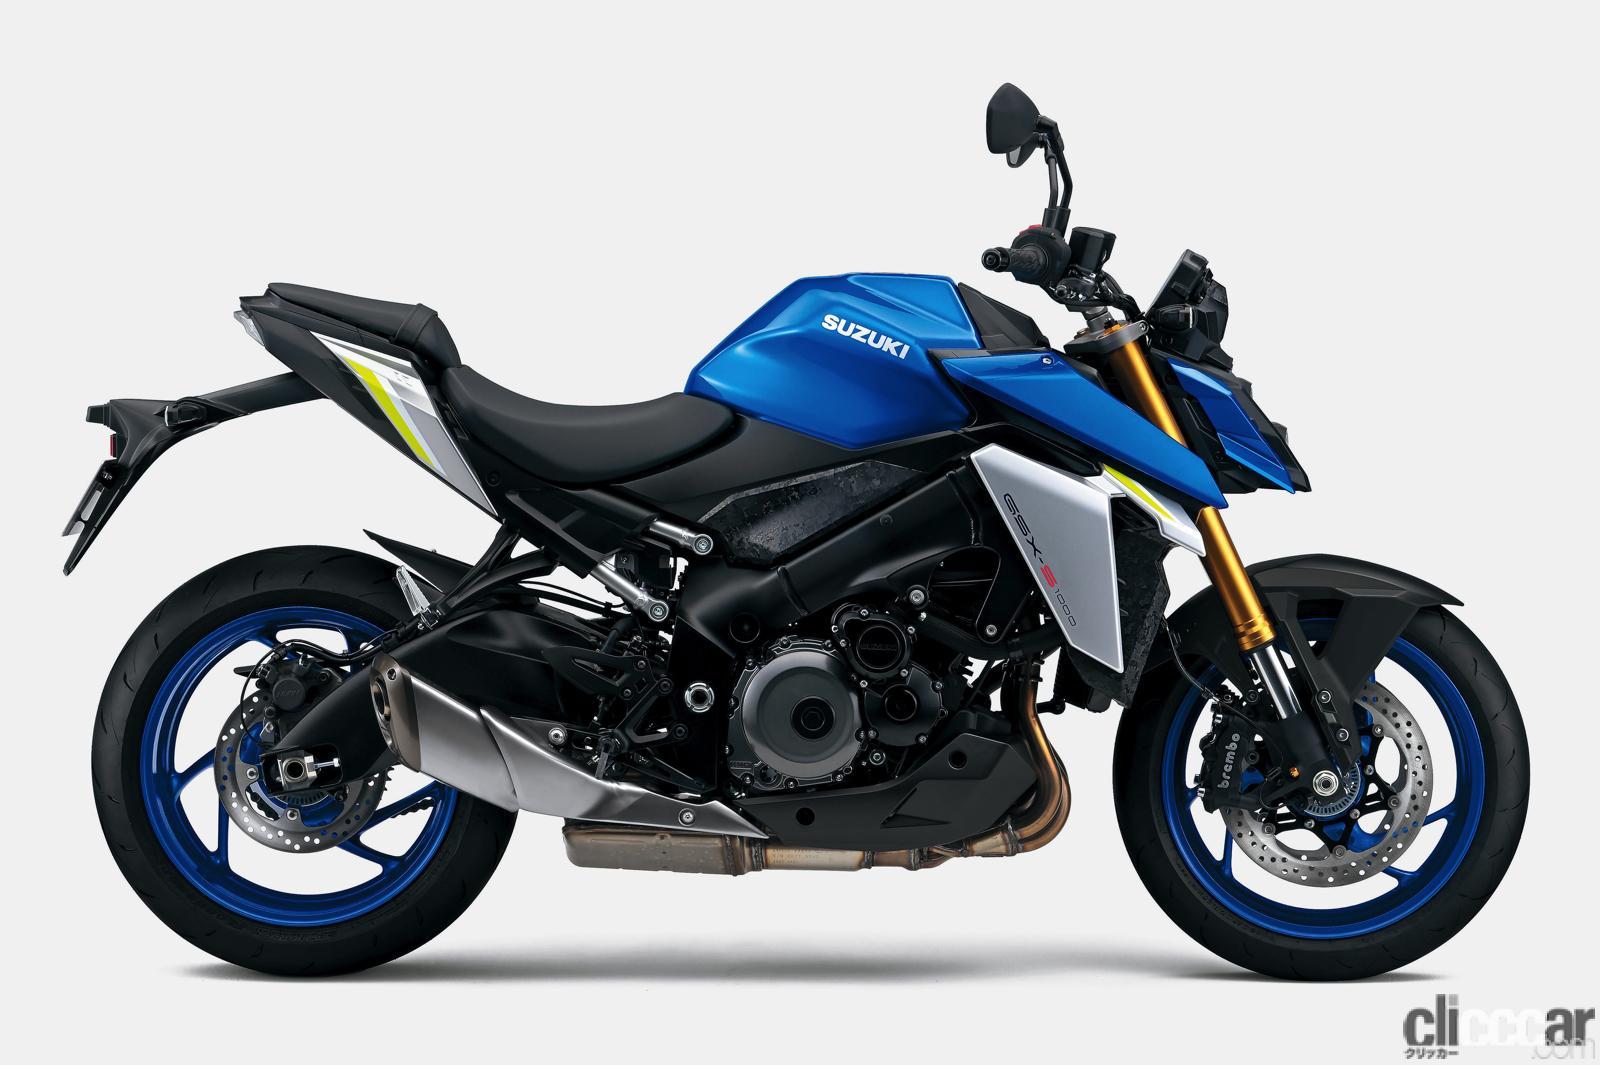 「スズキがマッチョ系ビッグバイク・2021年型「GSX-S1000」を国内投入! 欧州仕様とほぼ同スペックで143万円」の2枚目の画像